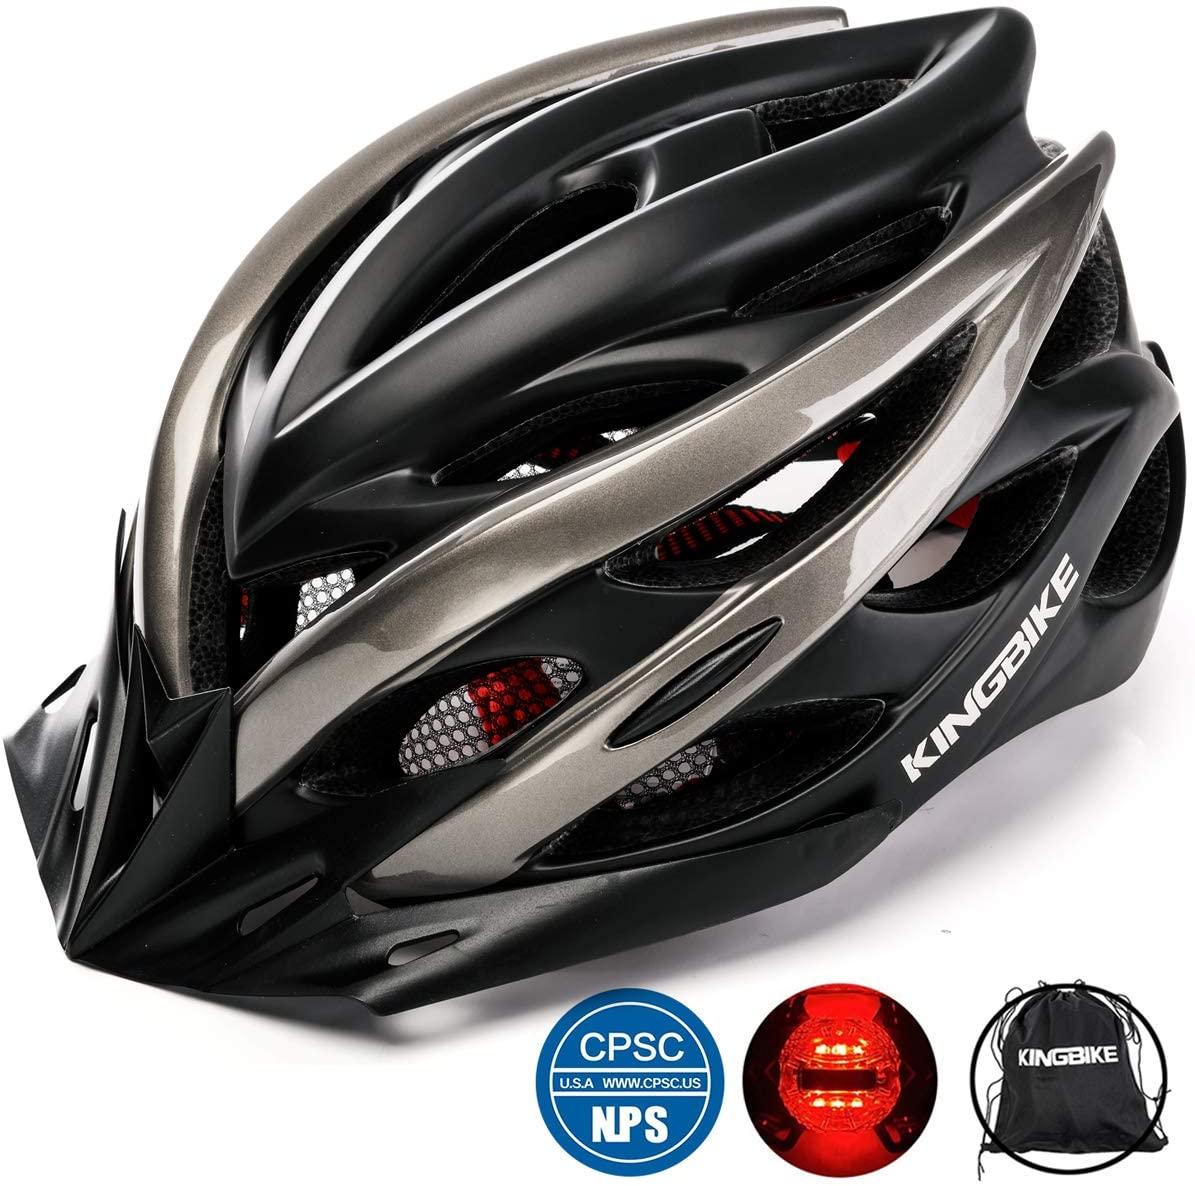 f:id:bikecamper:20200902174215j:plain